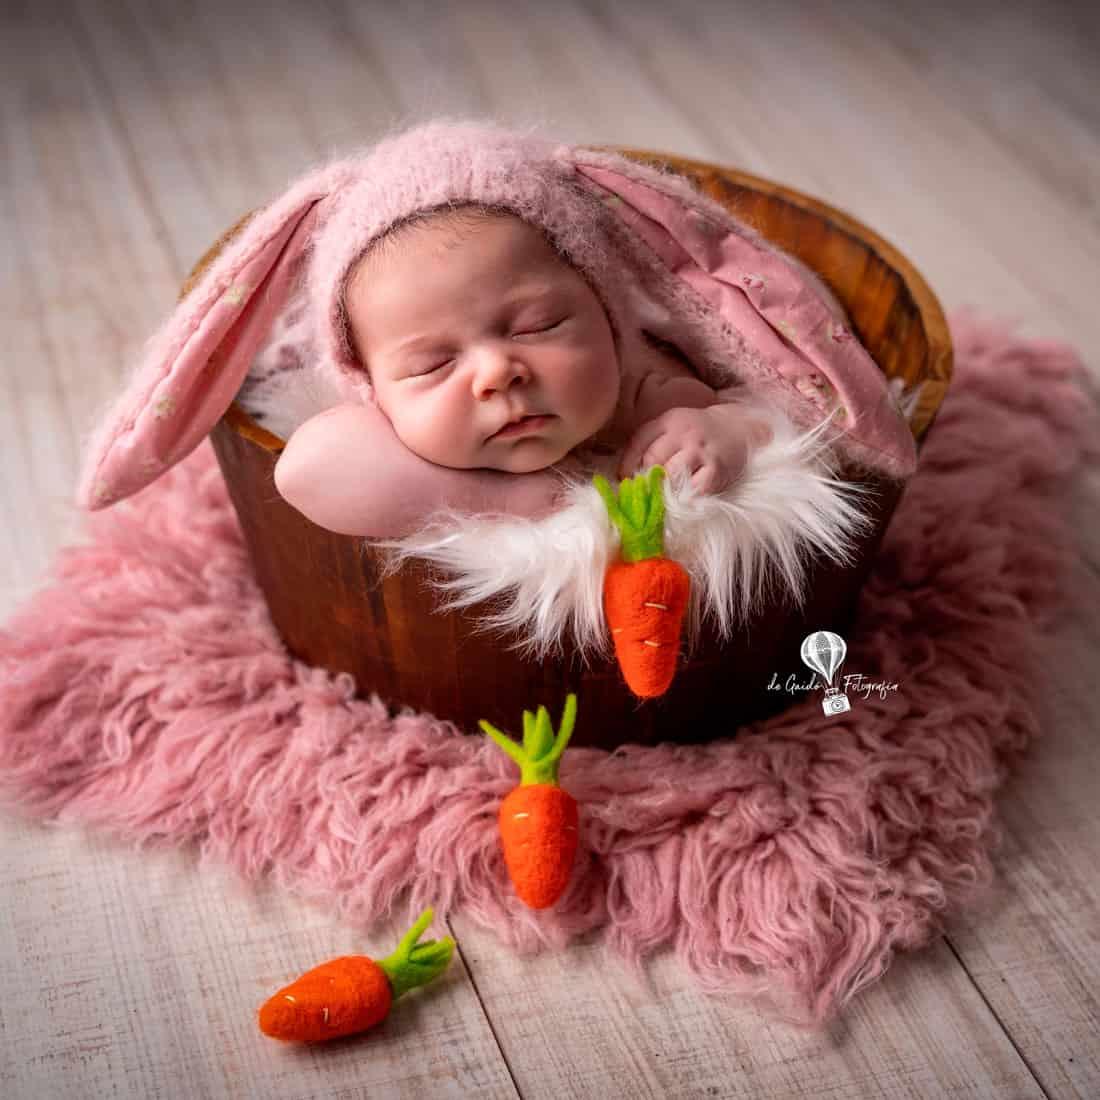 recien nacido foto la nucia